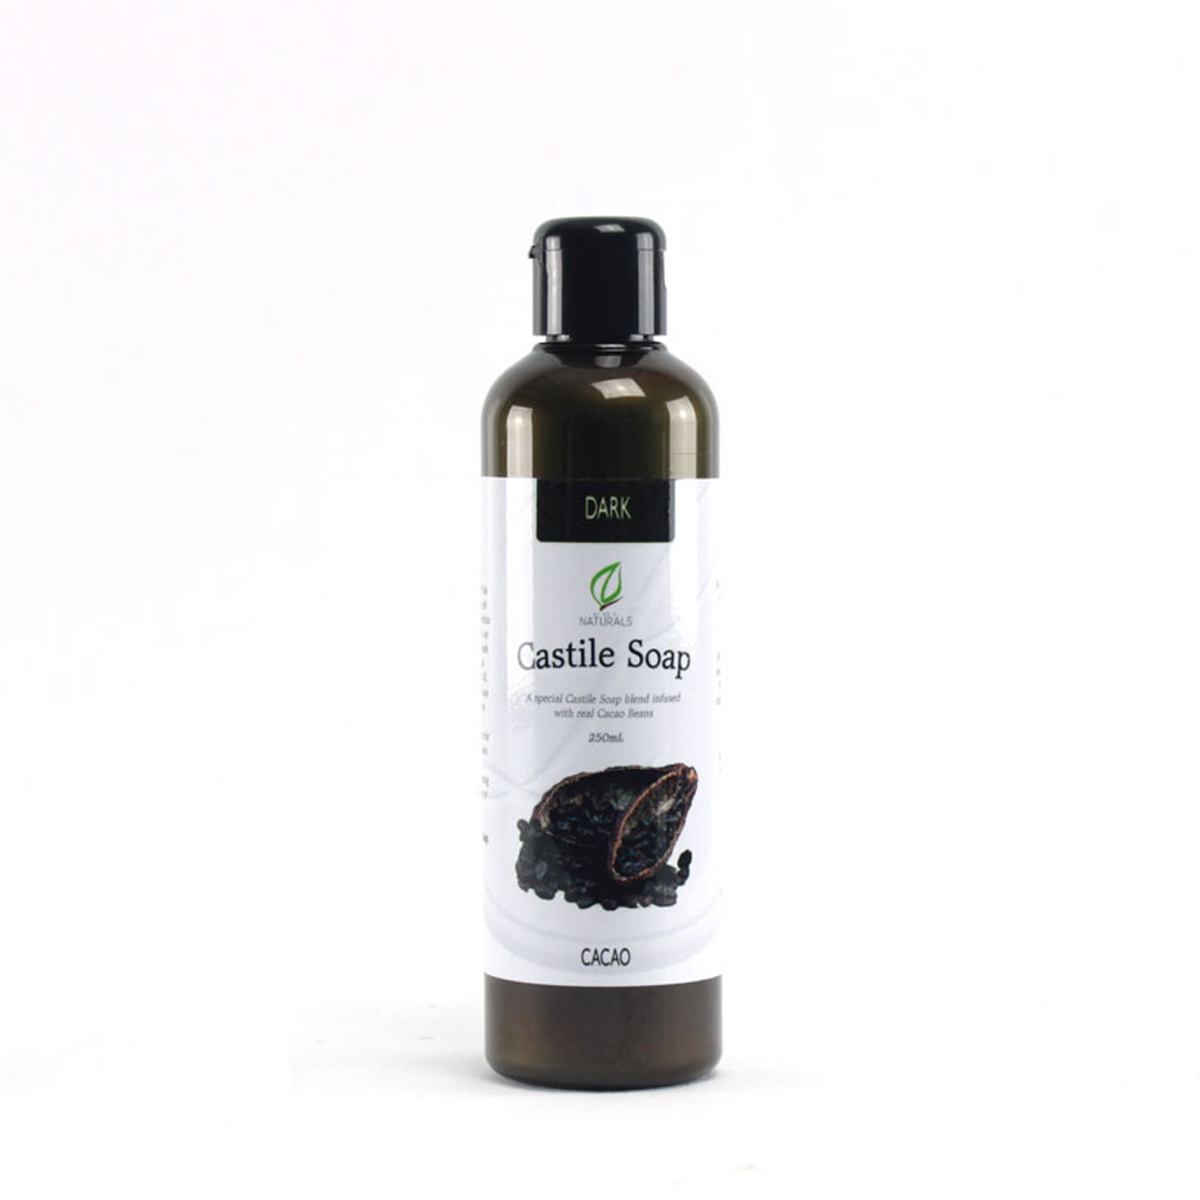 Cacao Dark Castile Soap